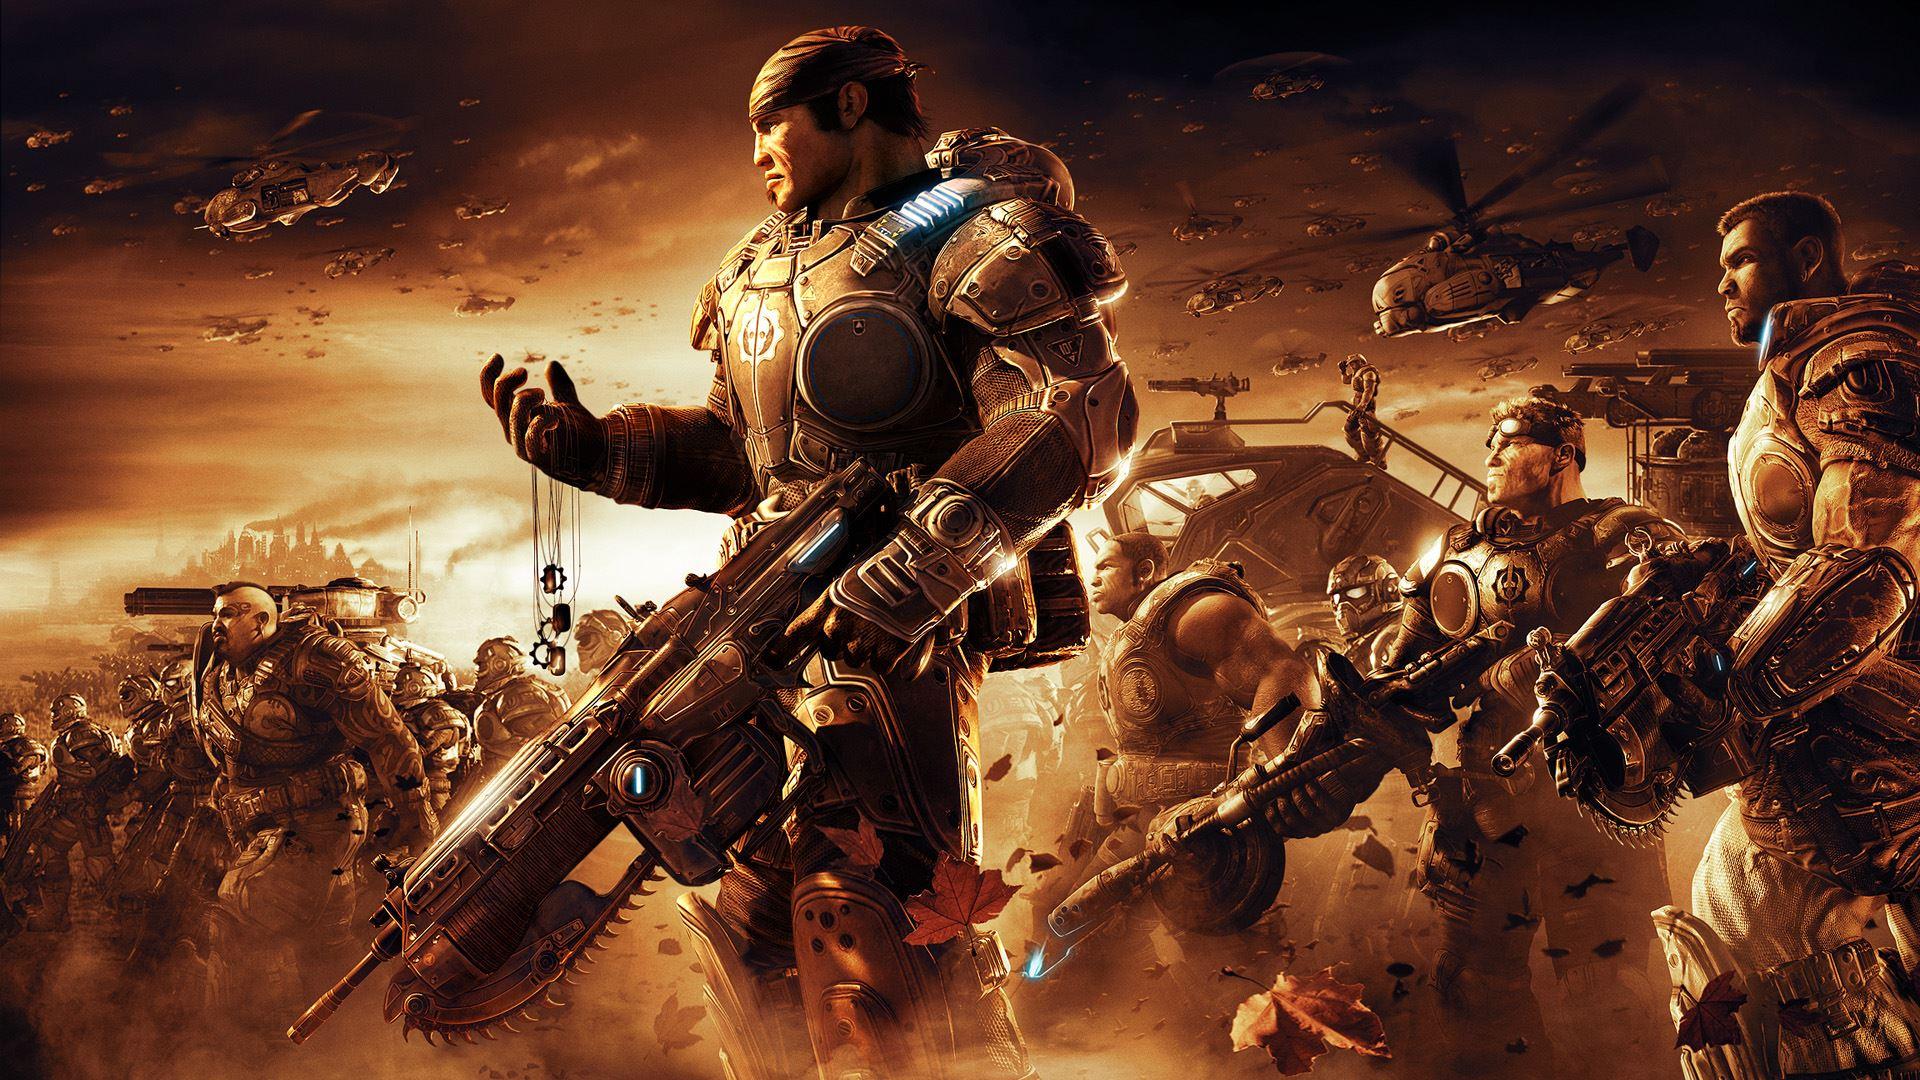 Gears of war 2 oslaví desáté výročí